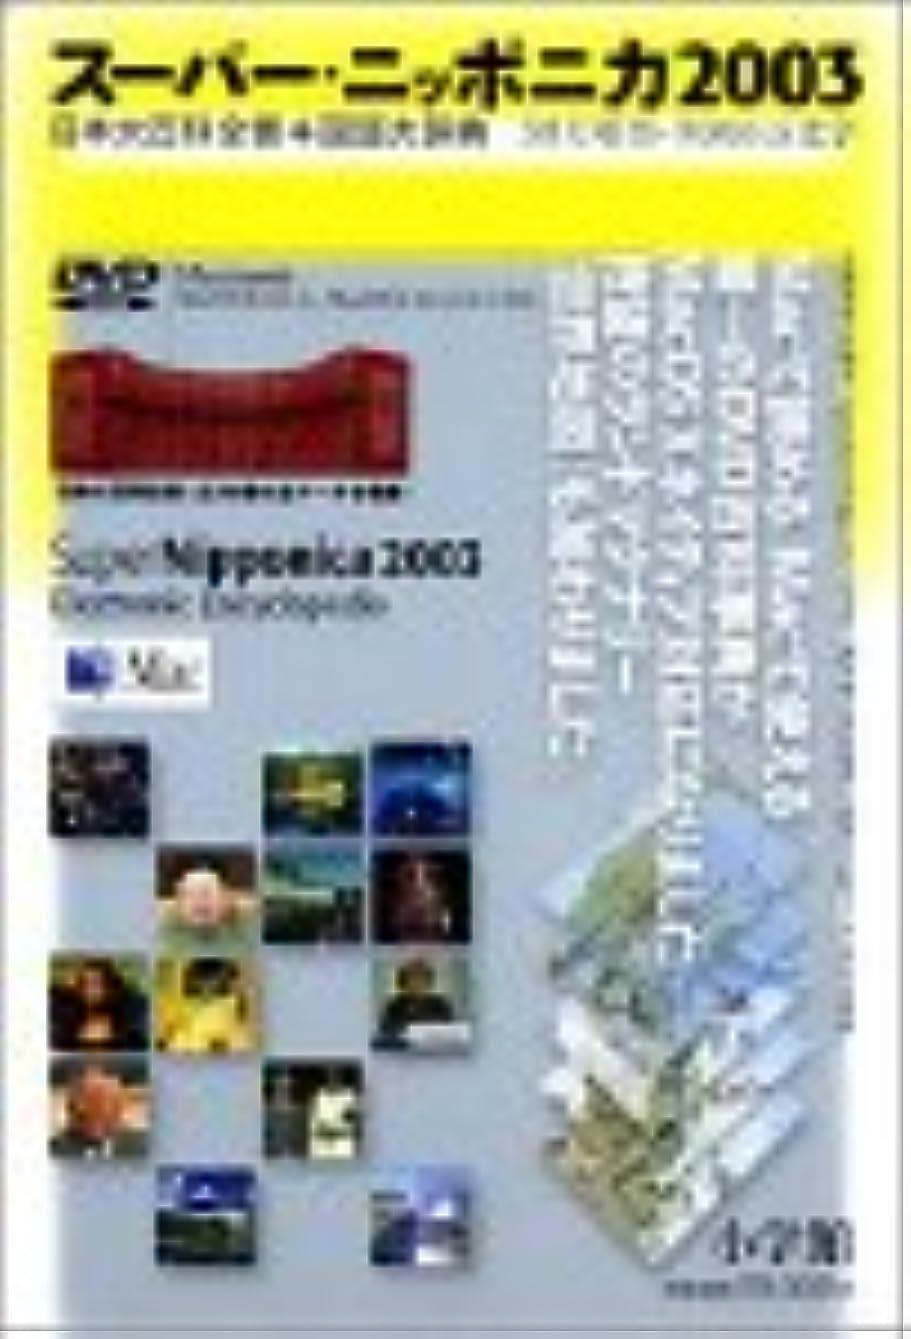 ロンドン特定のエクスタシースーパーニッポニカ 2003 DVD Macintosh版